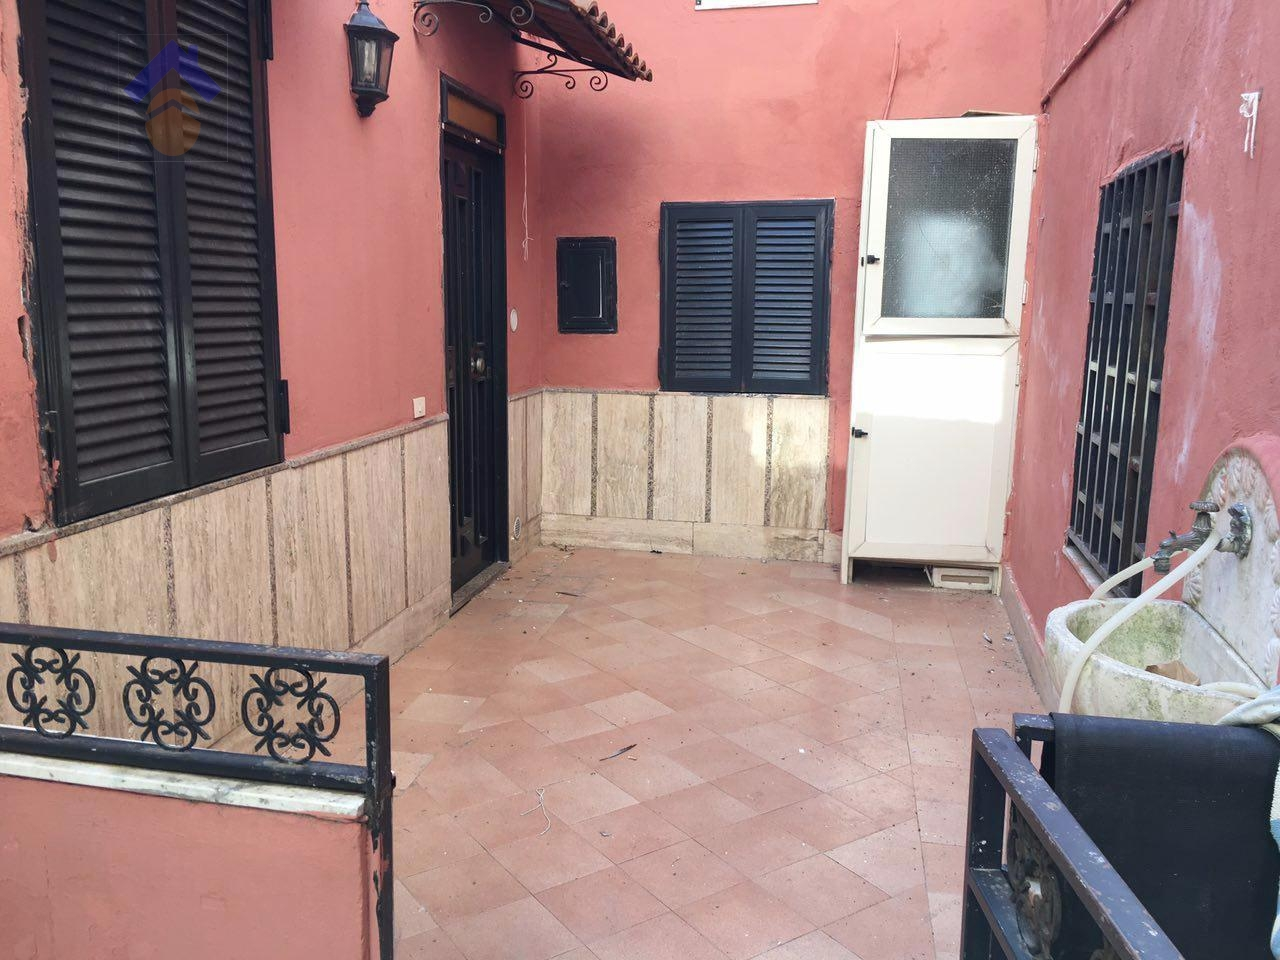 Appartamento in affitto a Torre Annunziata, 1 locali, zona Località: nord, prezzo € 75.000   CambioCasa.it